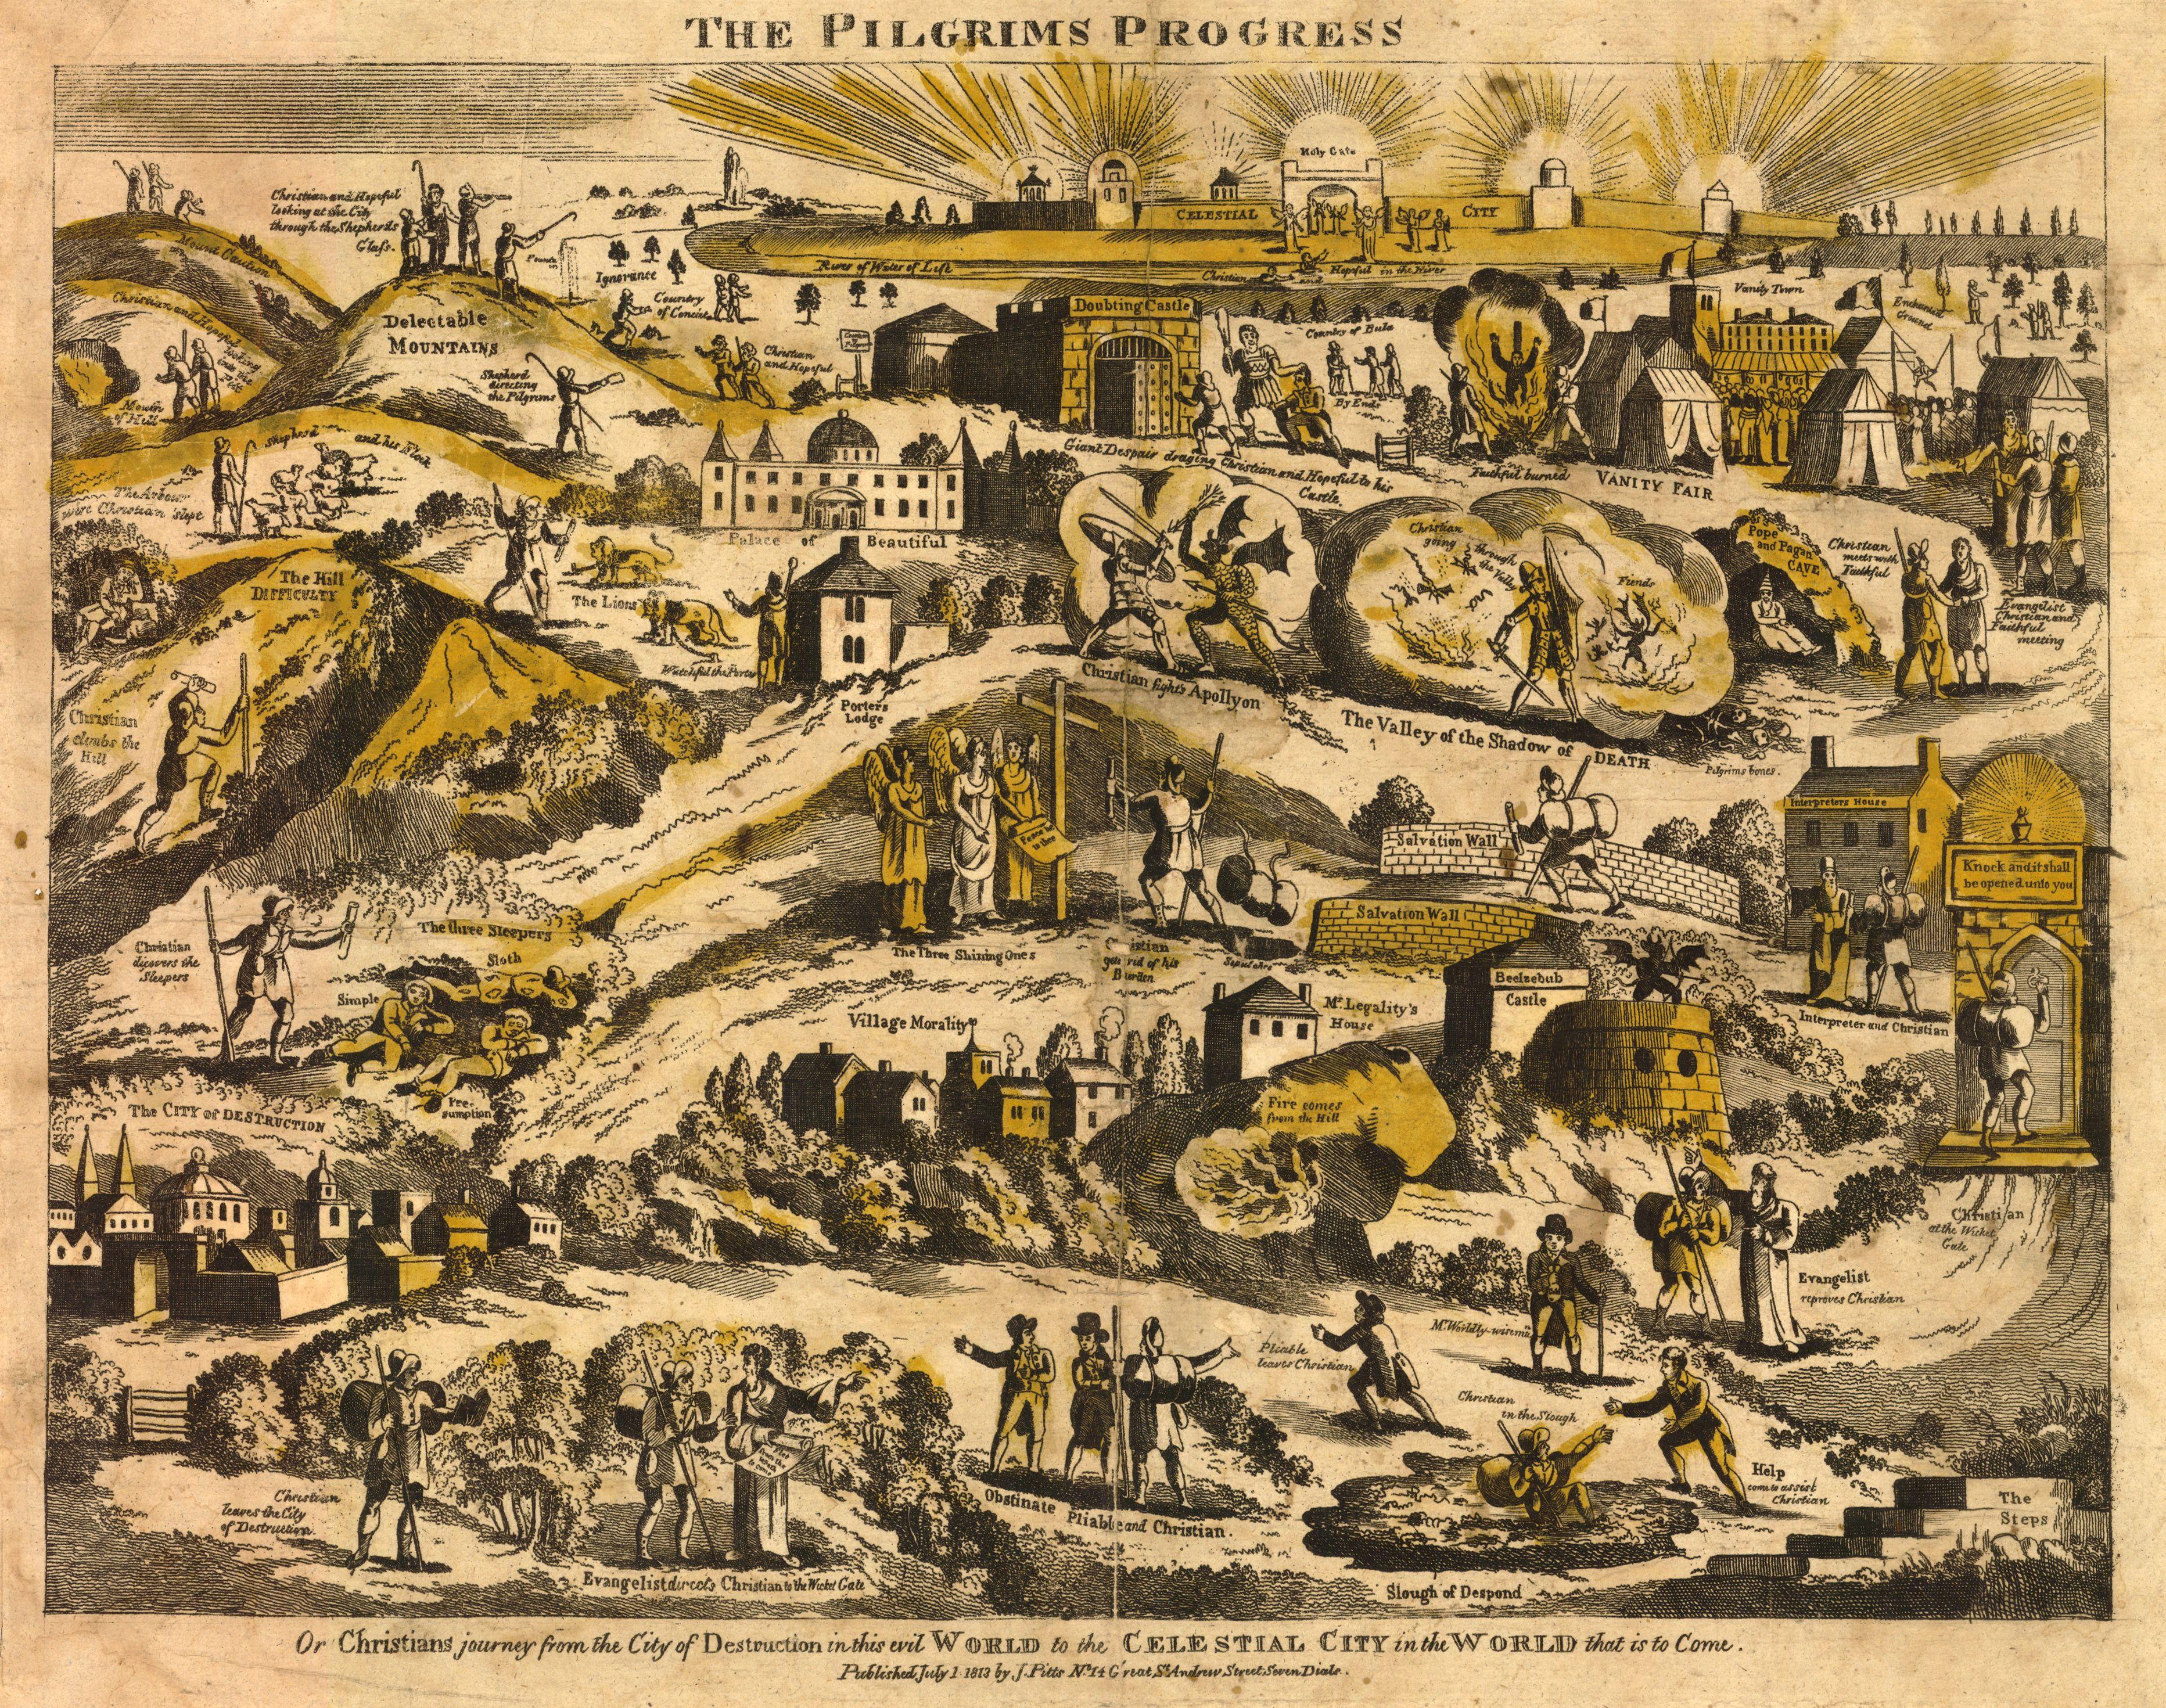 Pligrim's progress John-Bunyan 1813